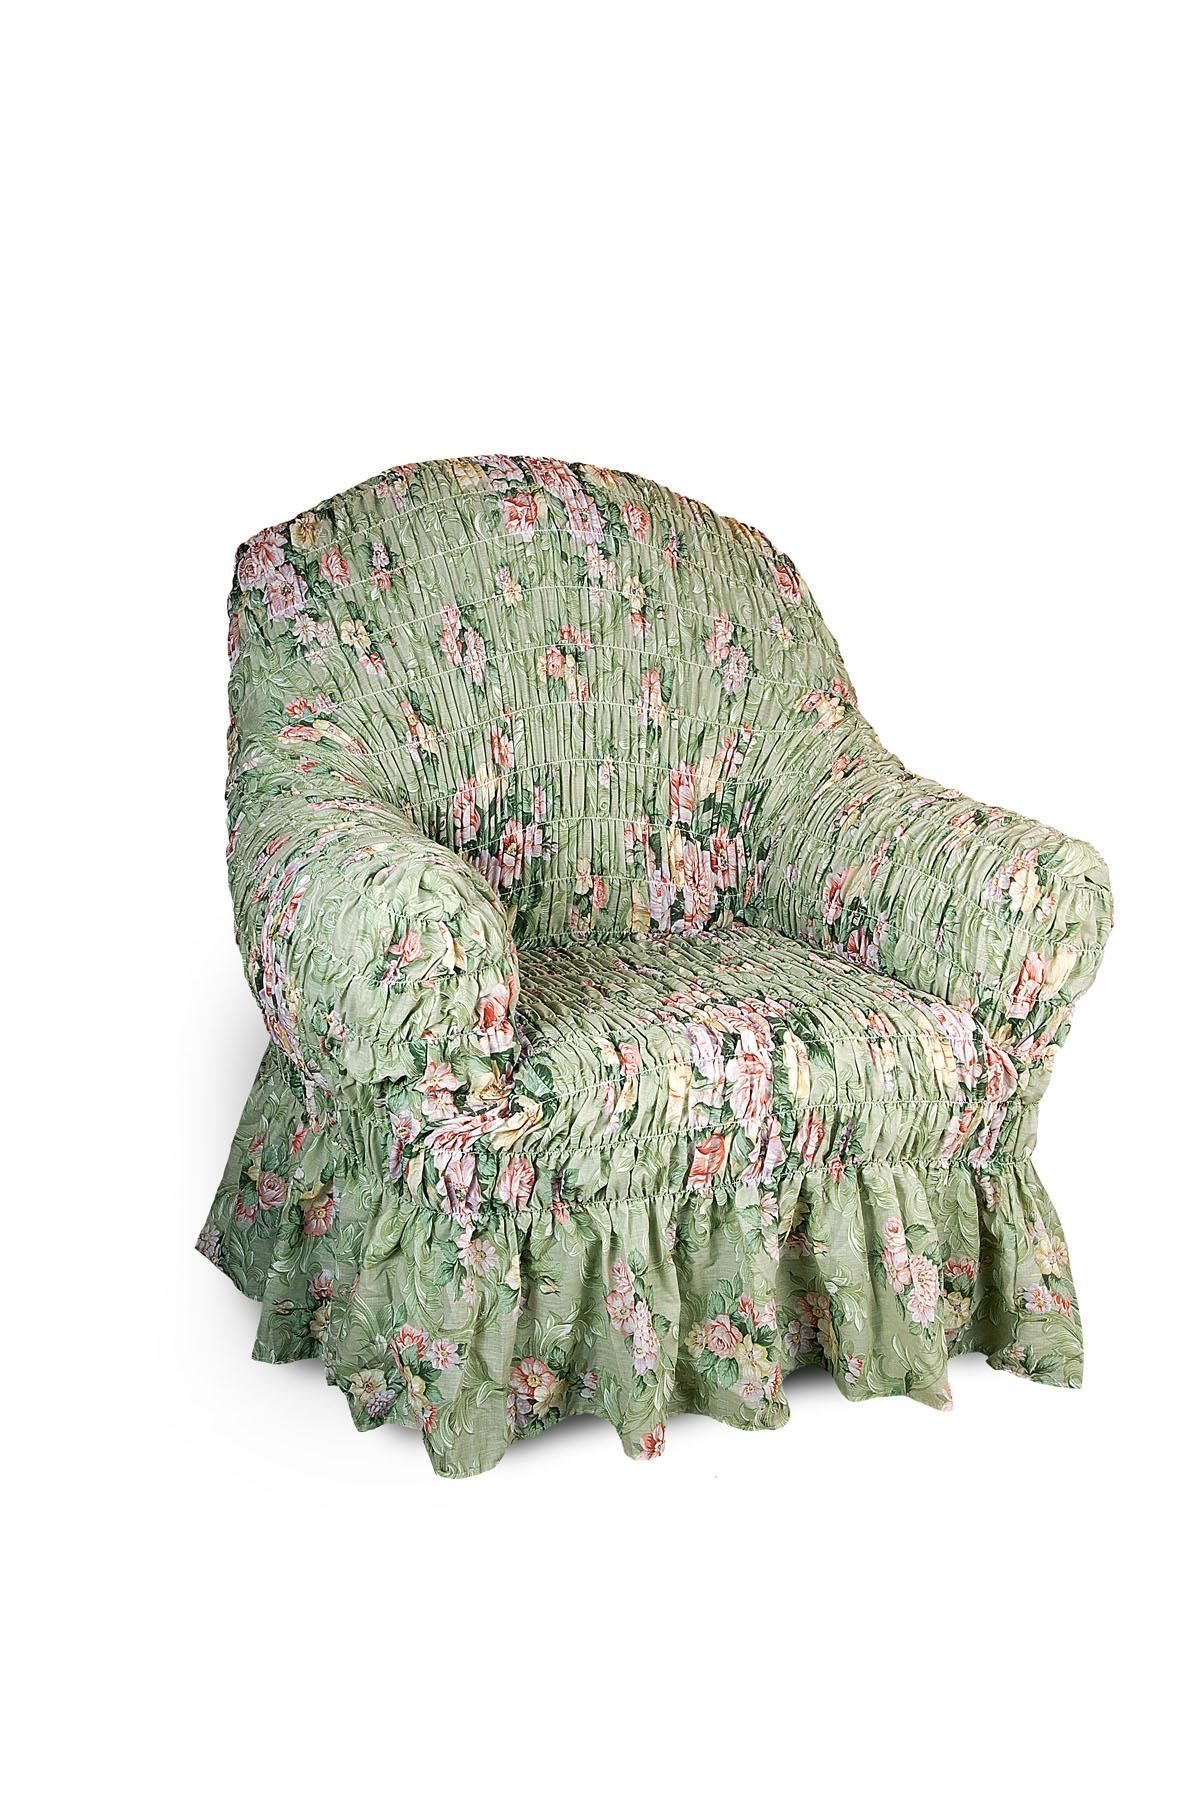 Чехол на кресло Еврочехол Фантазия. Феличита, 60-100 см2/14-1Чехол на кресло Еврочехол Фантазия. Феличита выполнен из 50% хлопка, 50% полиэстера. Он защитит вашу мебель от ежедневных воздействий. Натуральный состав ткани гипоаллергенен, а потому безопасен для малышей или людей пожилого возраста. Чехол в классическом цветовом исполнении - один из самых востребованных. Наличие оборки (юбки) по нижнему краю чехла придает мебели особое очарование, изюминку, привнося в интерьер помещения уют, свежесть, легкость и мягкость. Неважно, в каком стиле выполнена обстановка (это может быть классический интерьер, либо скандинавского стиля, или даже в колониальных мотивах), чехол чудесно дополнит стилистику любого интерьера - от ретро до современности. Гостиная, детская, кухня, прихожая или спальня - с таким чехлом любая комната наполнится нежностью и любовью. Растяжимость чехла по спинке (без учета подлокотников): 60-100 см.